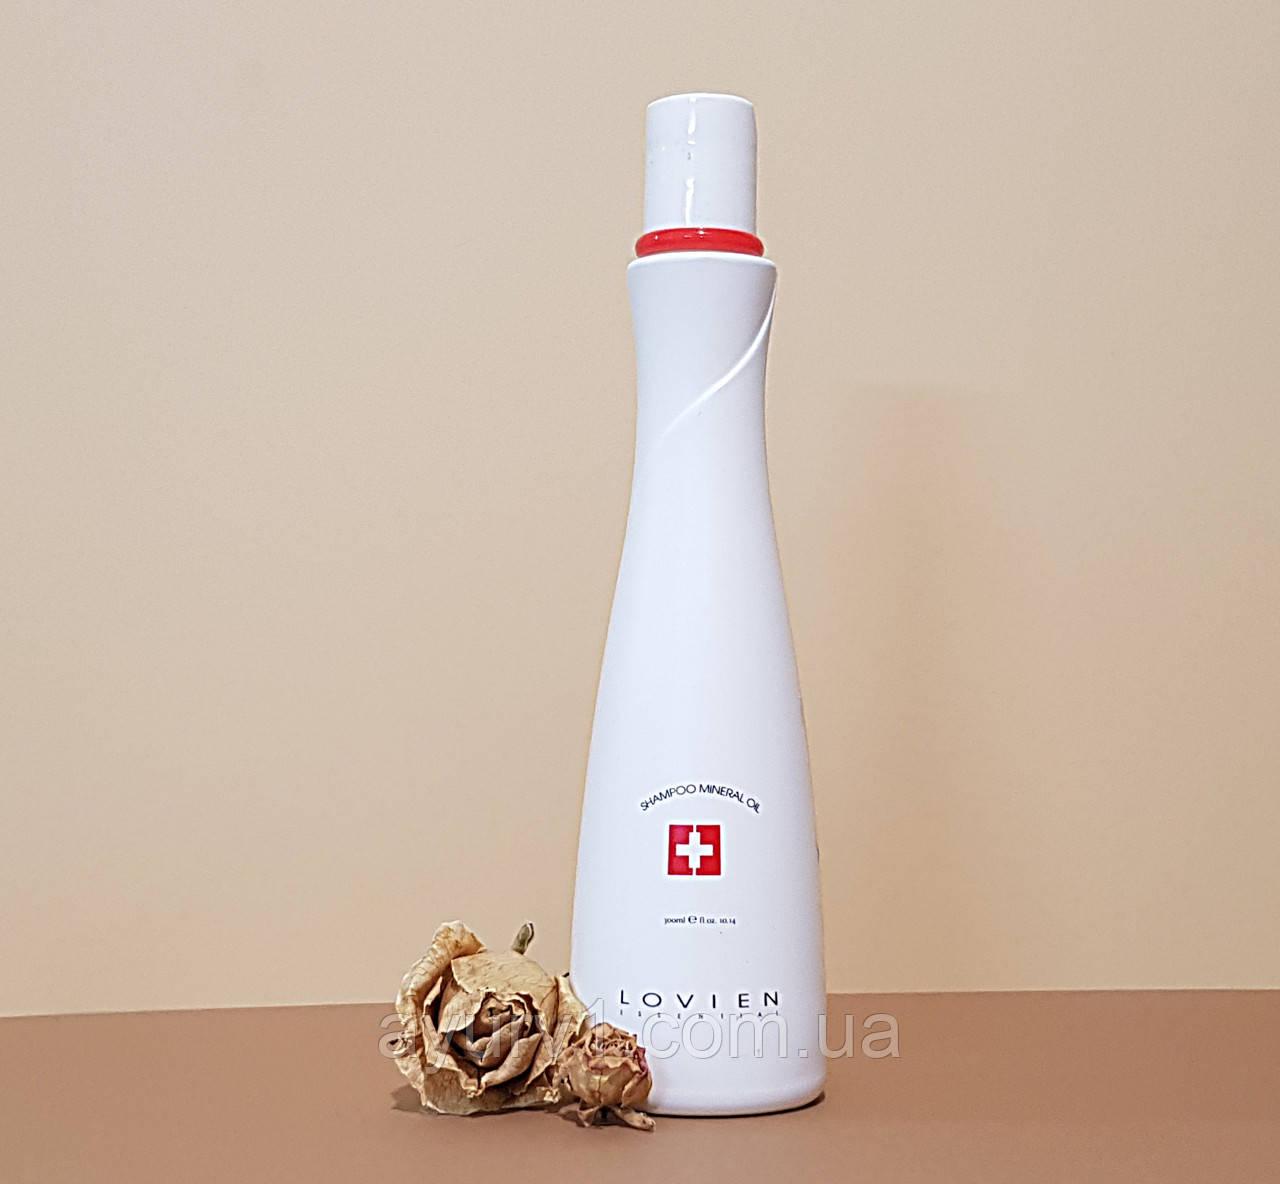 Шампунь с минеральным маслом для поврежденных волос / Shampoo Mineral Oil / Lovien Essential / 300 мл